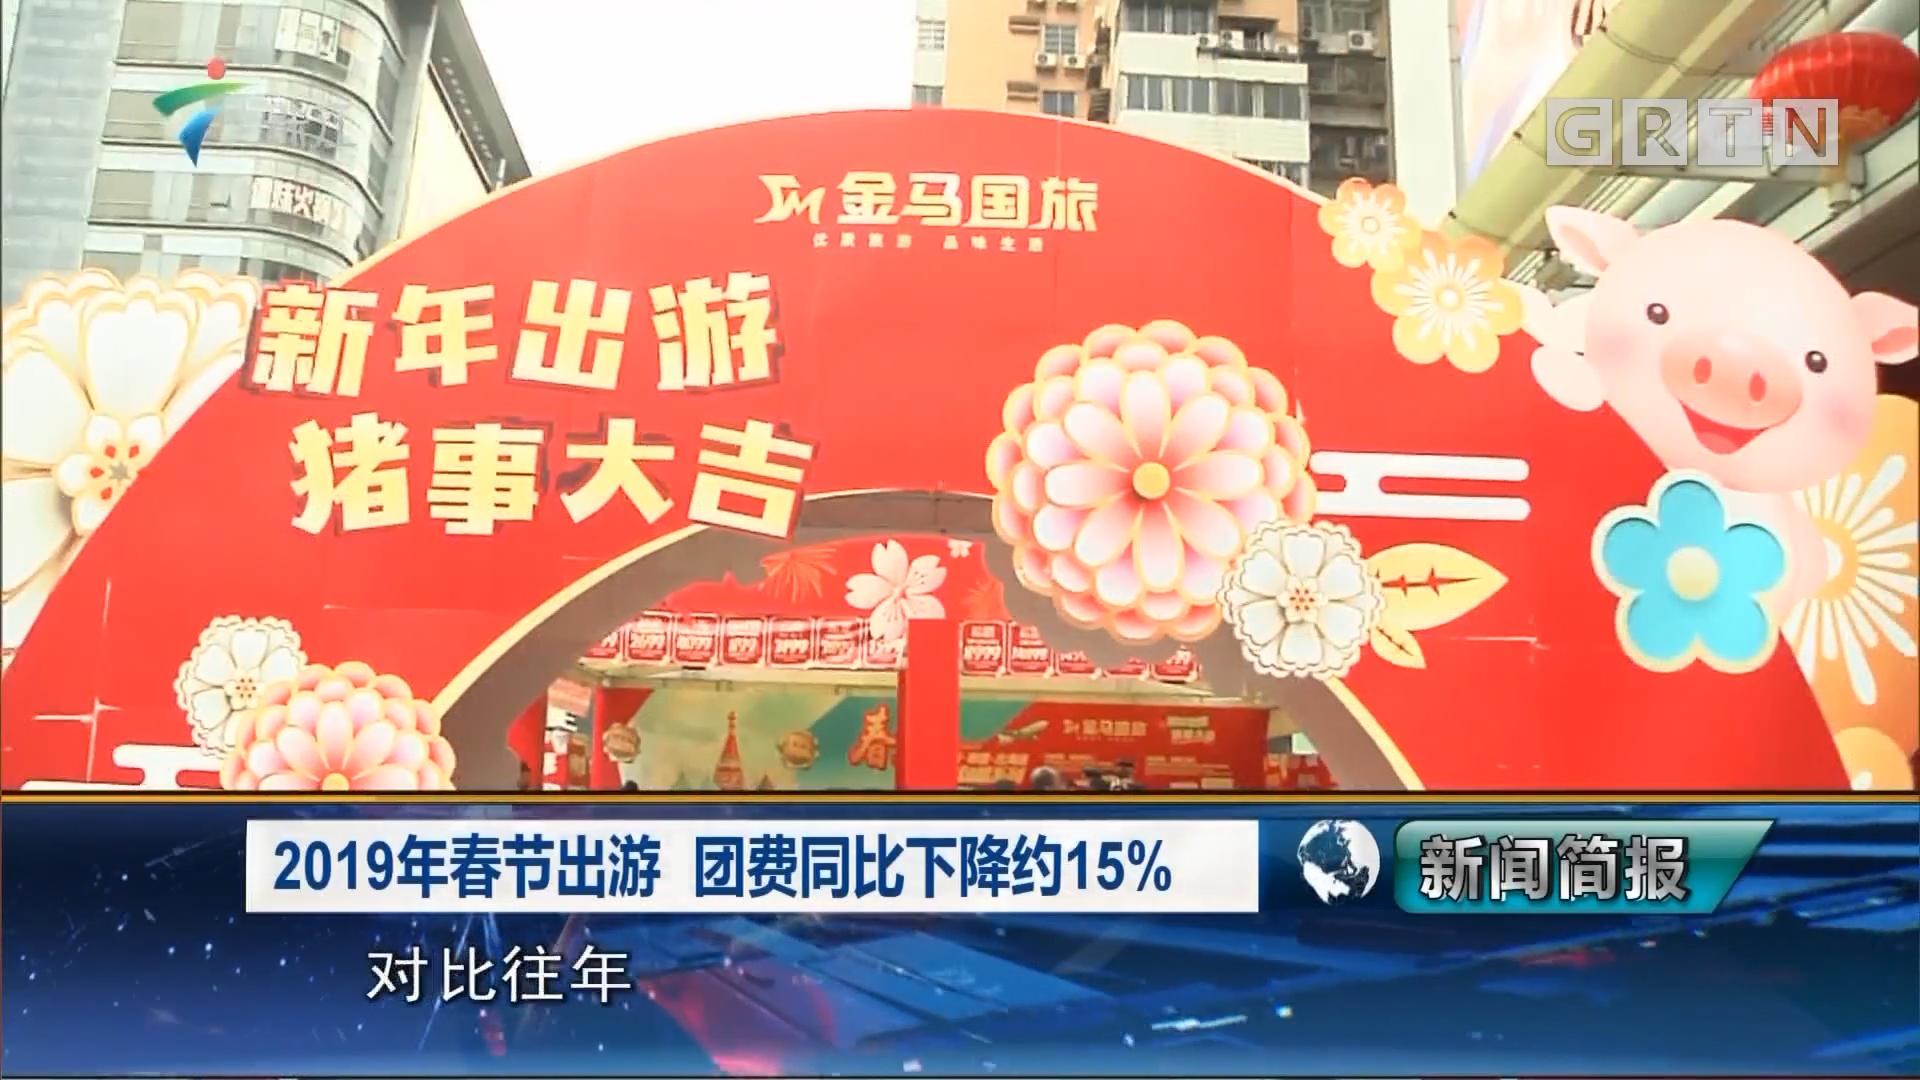 2019年春节出游 团费同比下降约15%